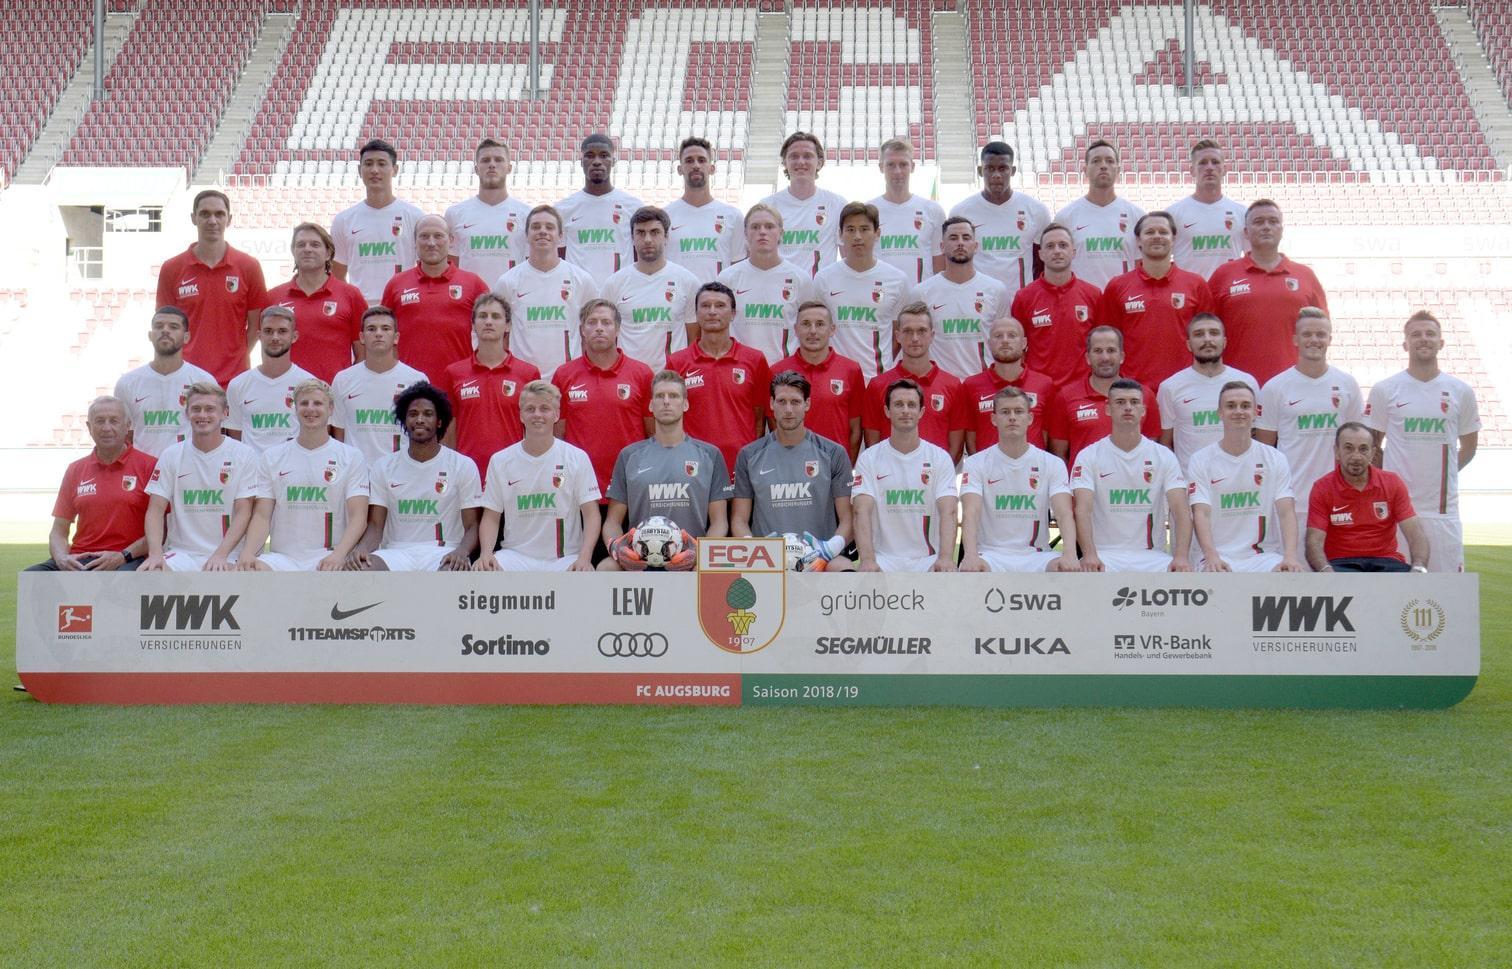 <p>Aufgestiegen in die Bundesliga läuft Fortuna in Rot auf den Platz mit dickem dominierenden weißen Balken in V-Shape auf der Brust